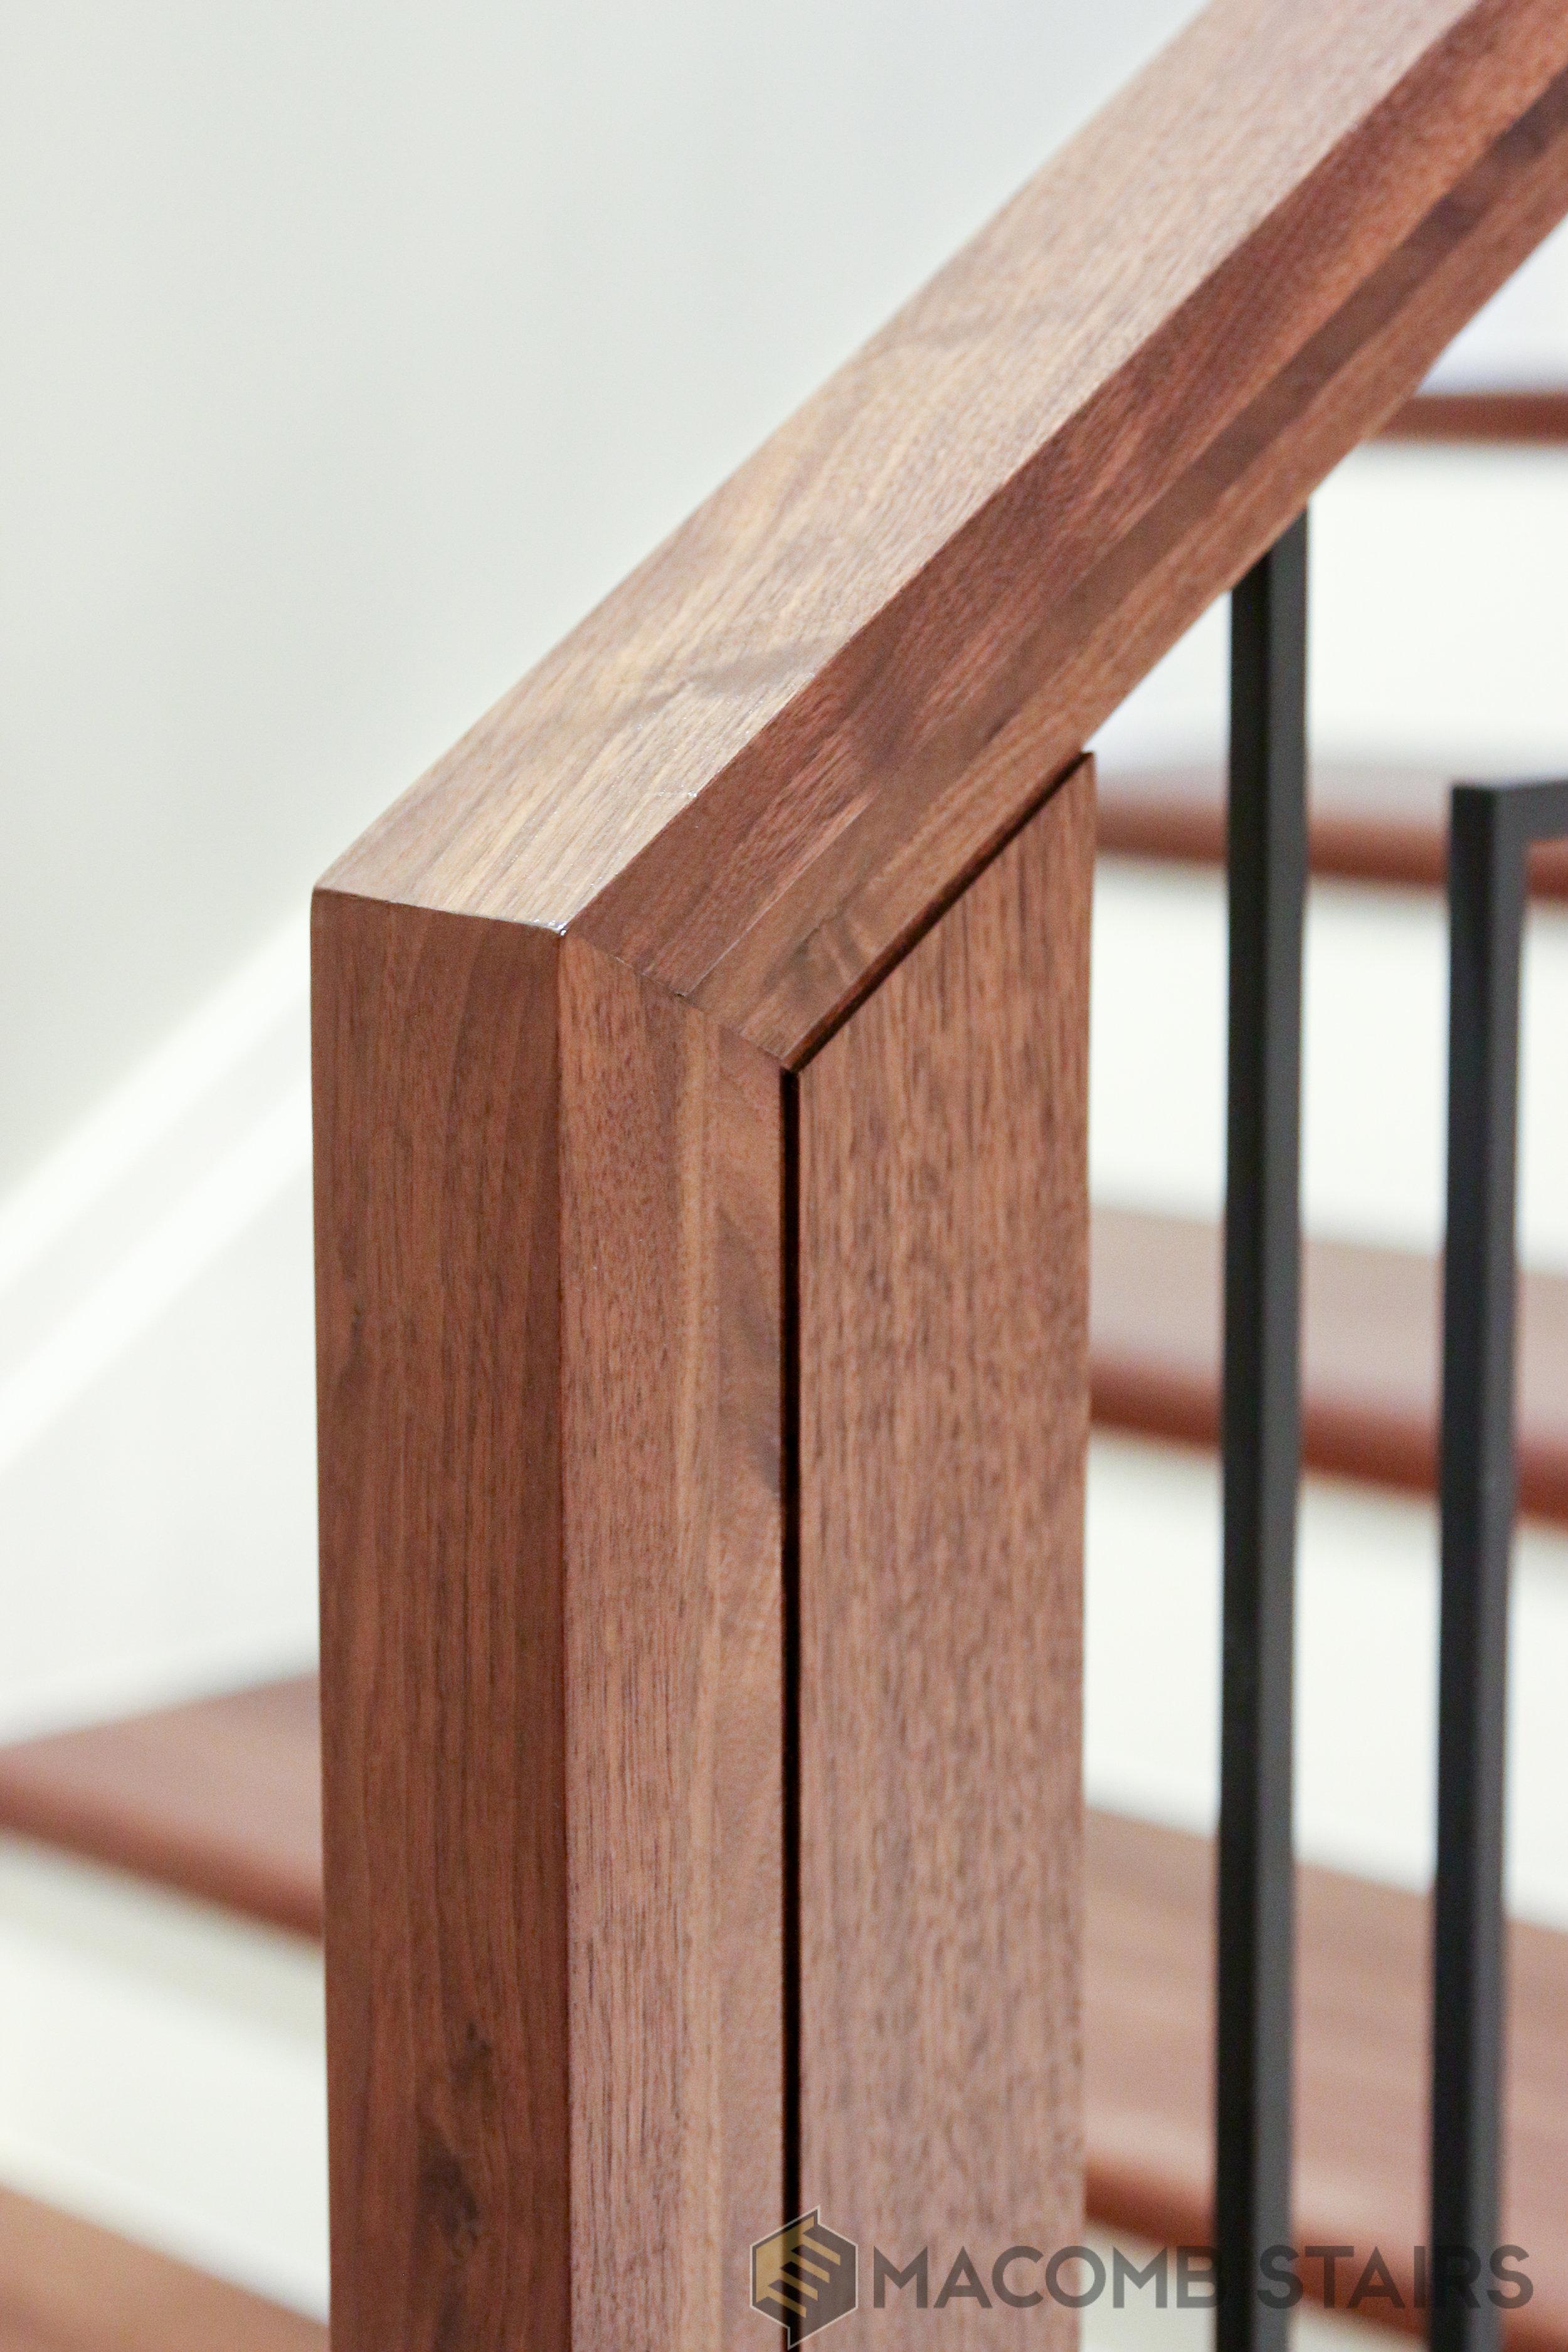 Macimb Stairs- Stair Photo-6.jpg